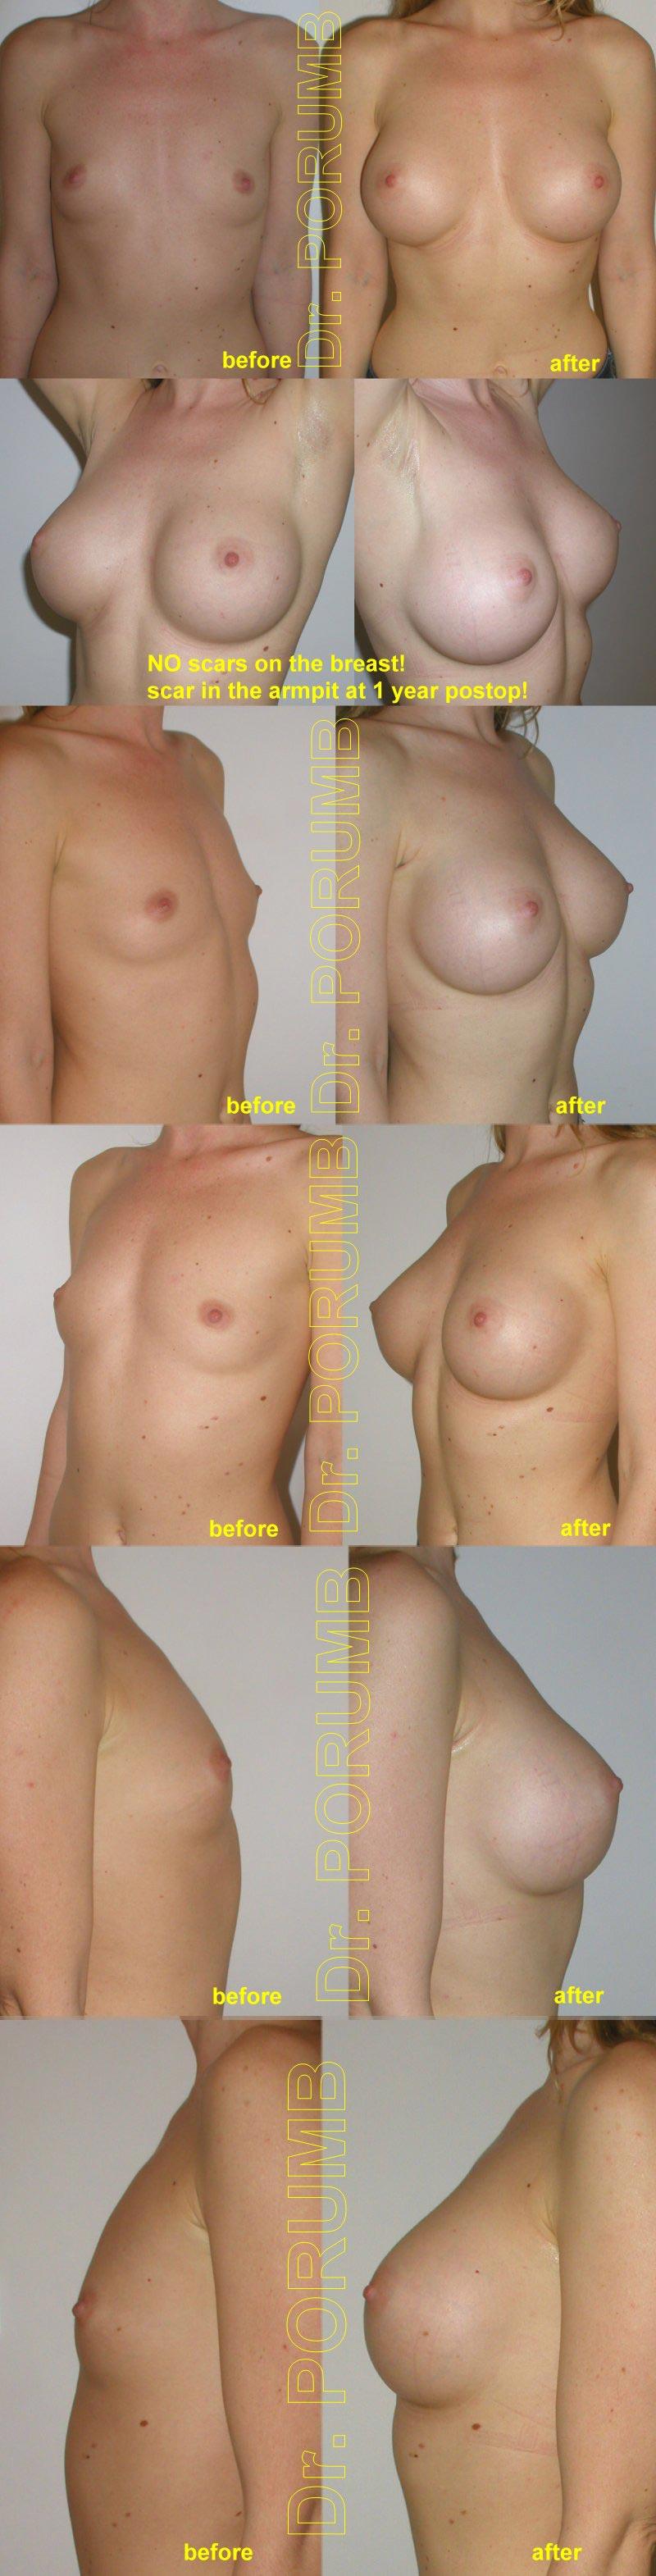 Pacienta de 32 ani, doreste sa apeleze la interventia de augmentare mamara pentru o operatie estetica de marire de sani (silicoane), pentru apropiere sani dar si obtinerea unor sani armoniosi, naturali